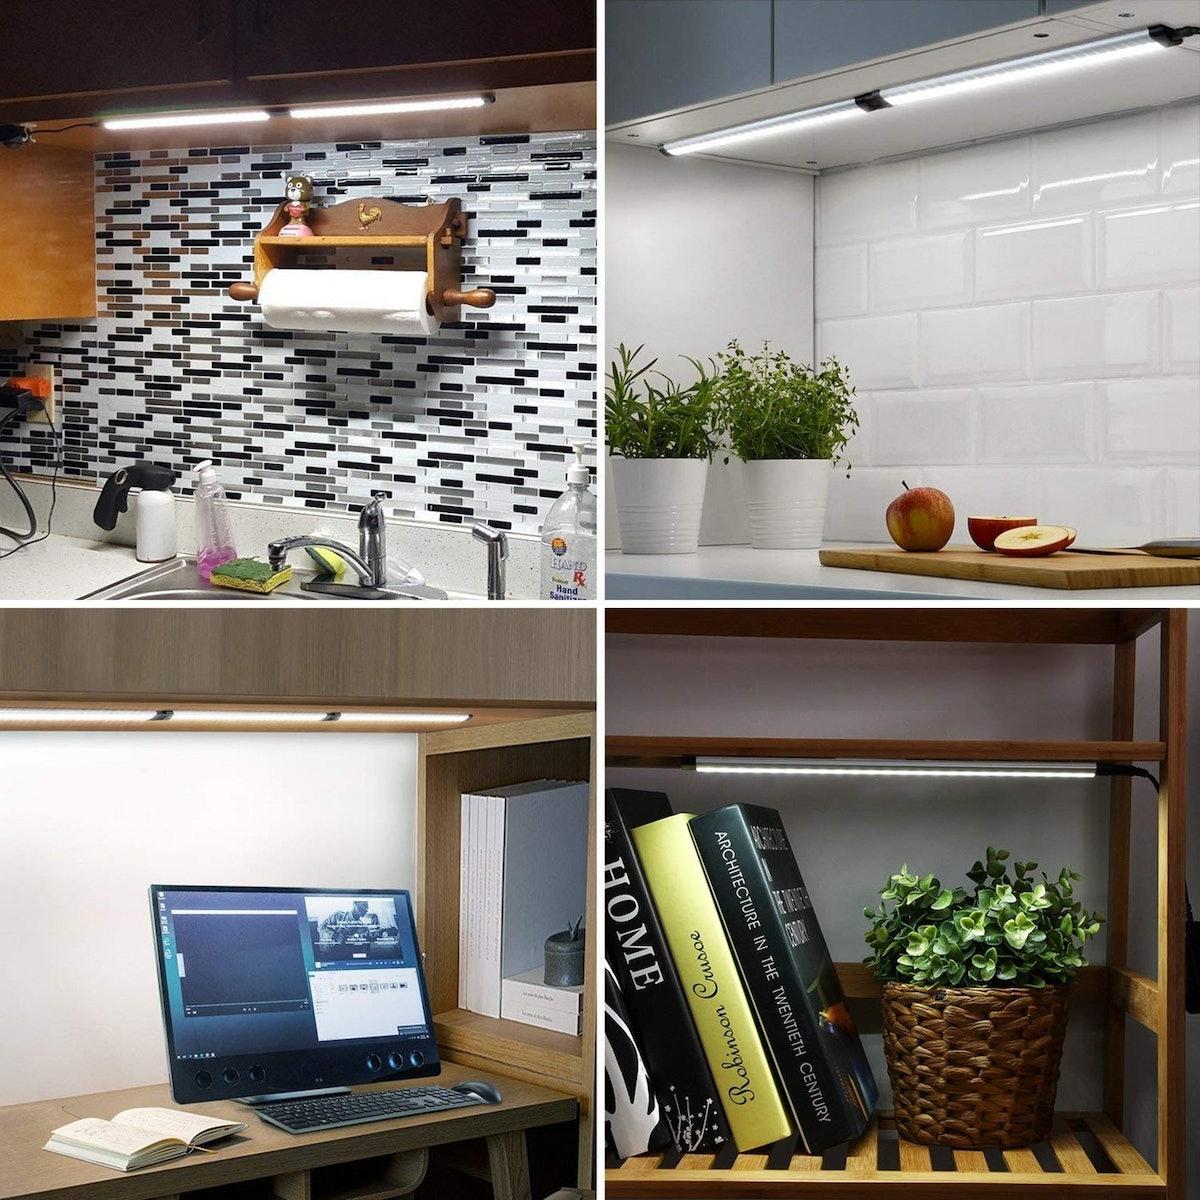 Albrillo Under Cabinet LED Lighting